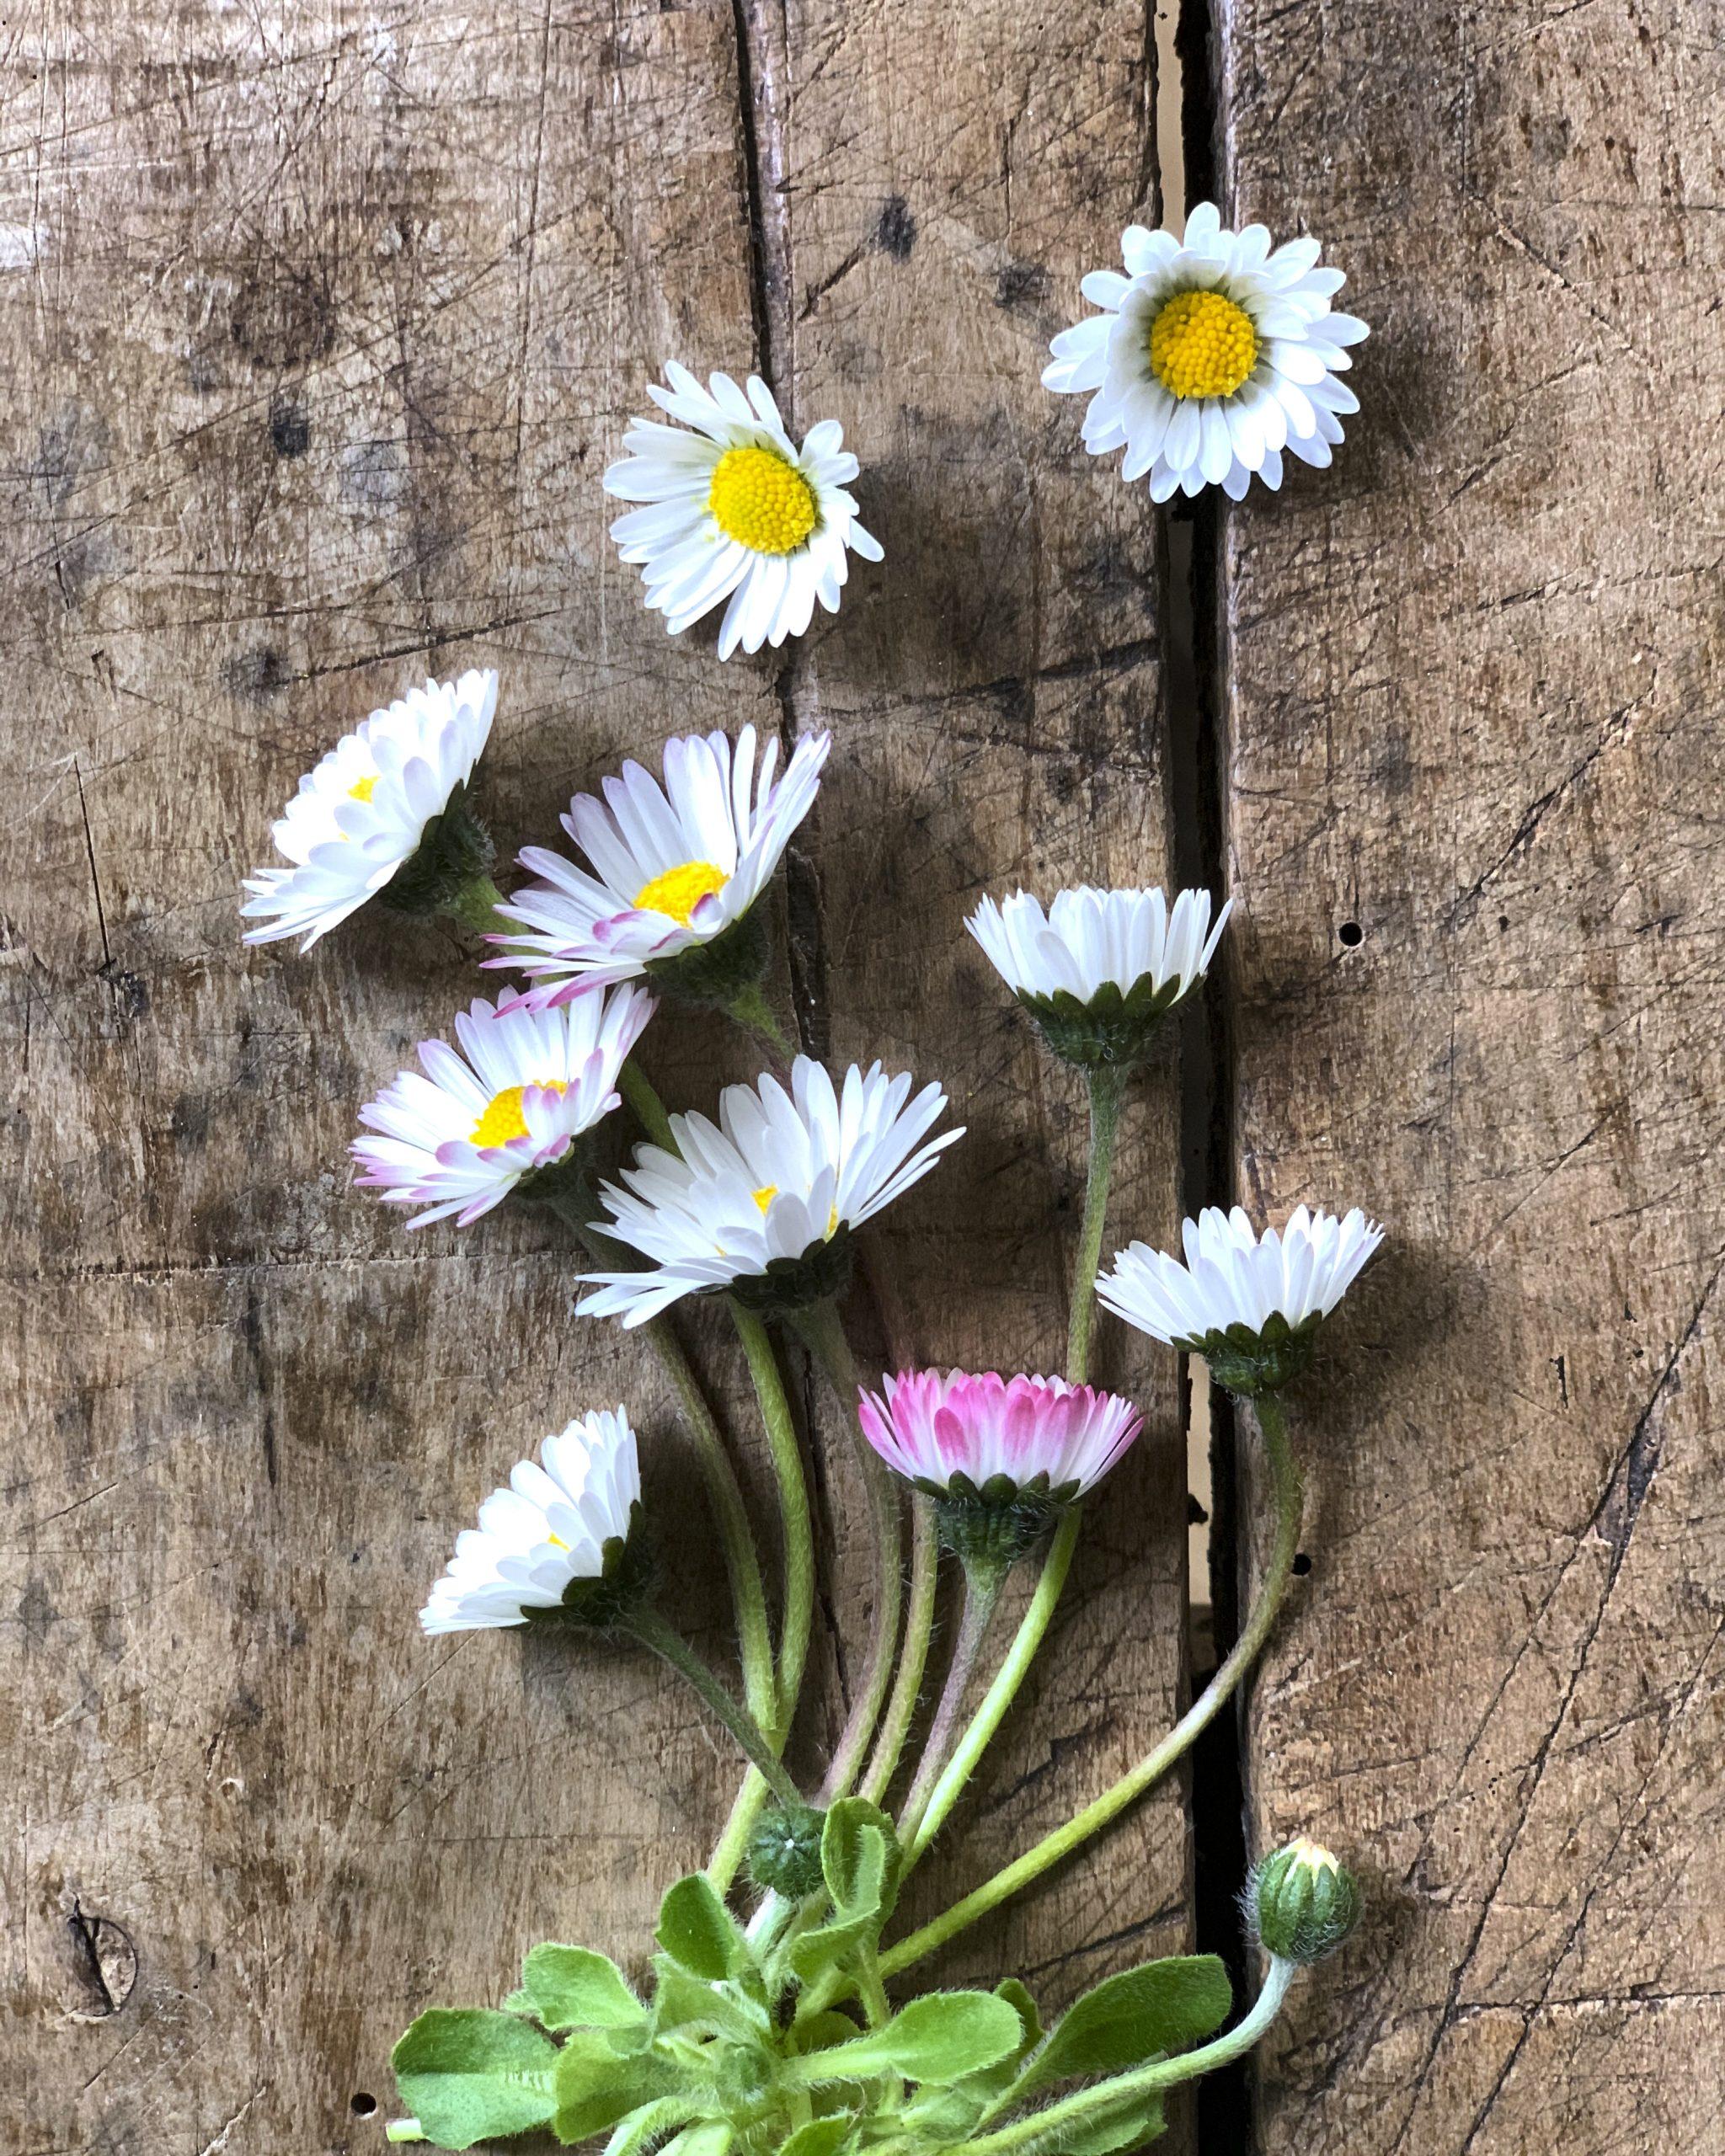 wildkraeuter-gaensebluemchen-essbare-wildpflanzen-pflanzenkueche-naturheilkunde